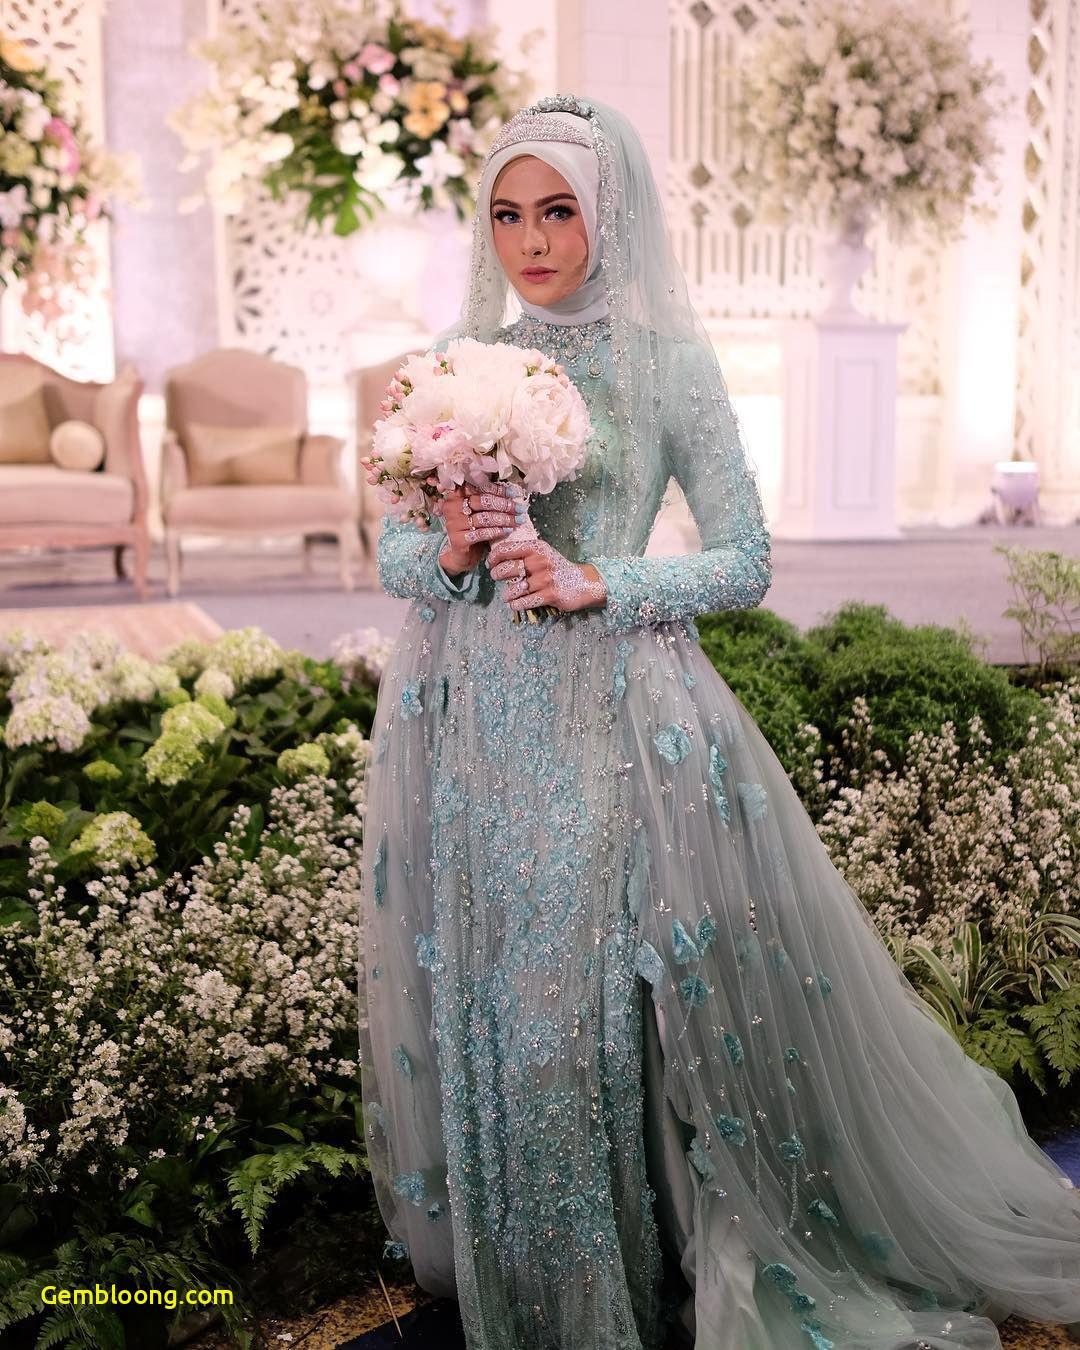 Gaun Sederhana Pengantin Berhijab Beautiful 12 Desain Gaun Pernikahan Muslimah Elegan Nan Sederhana